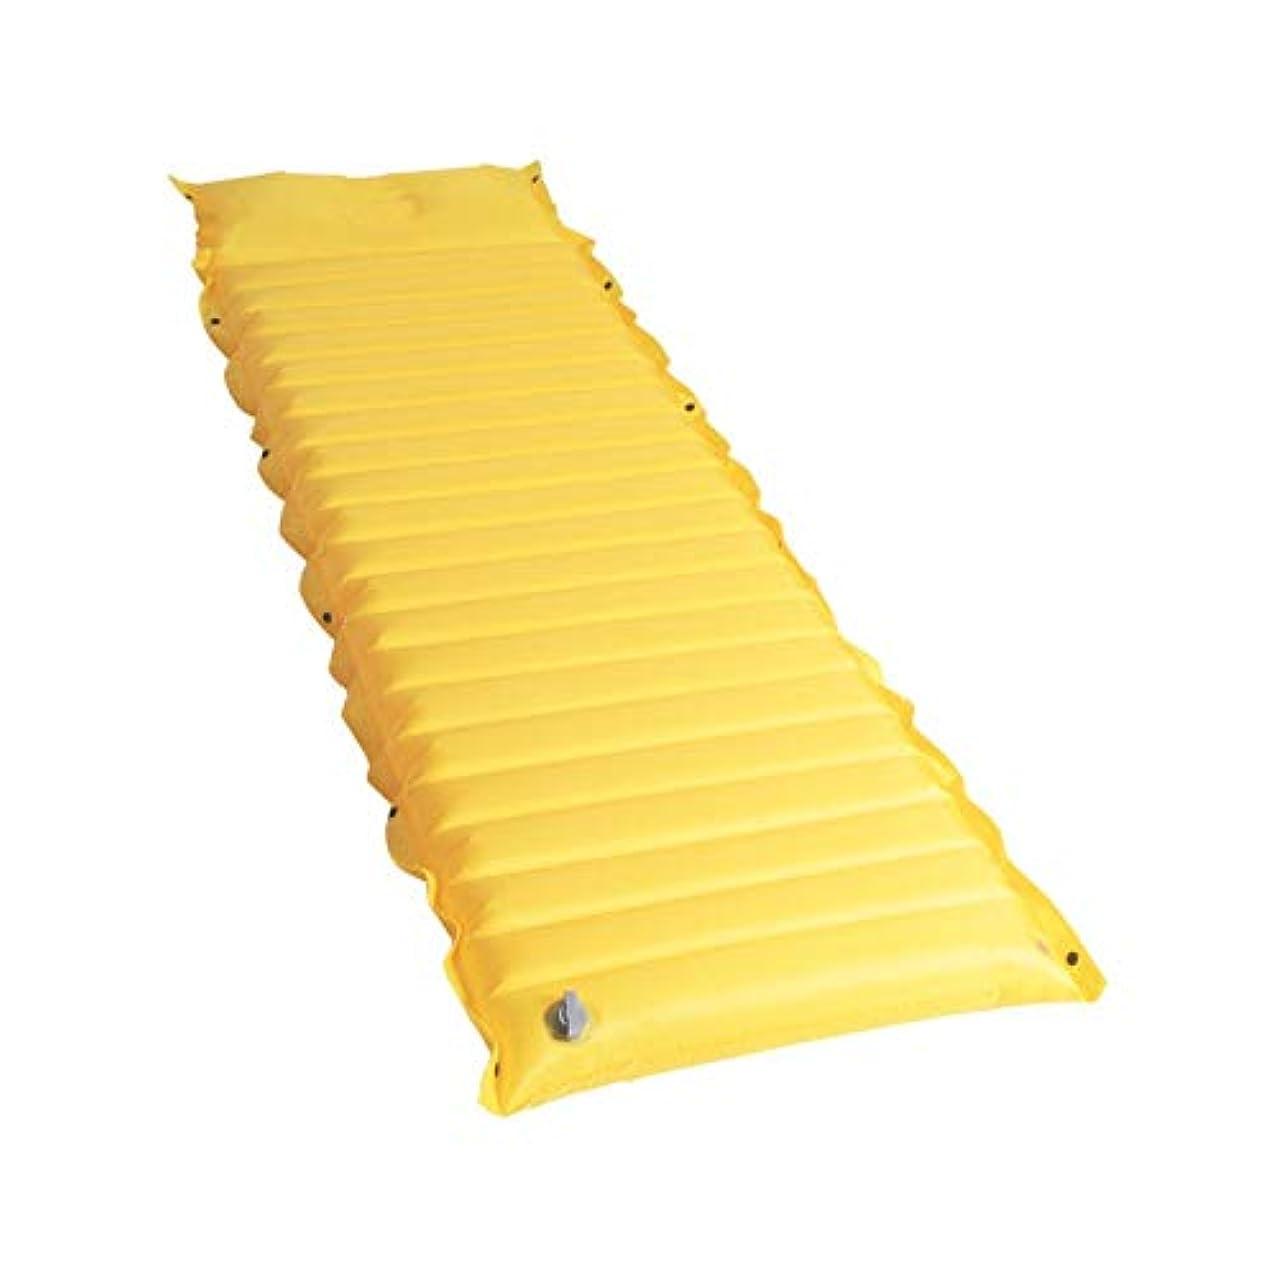 意志に反するただやる花婿Feelyer エアマットレスポータブルキャンプ用スリーピングパッド膨張しやすいコンパクトでコンパクトな耐久性品質保証品質保証 顧客に愛されて (色 : 黄, サイズ : 185*55*8CM)